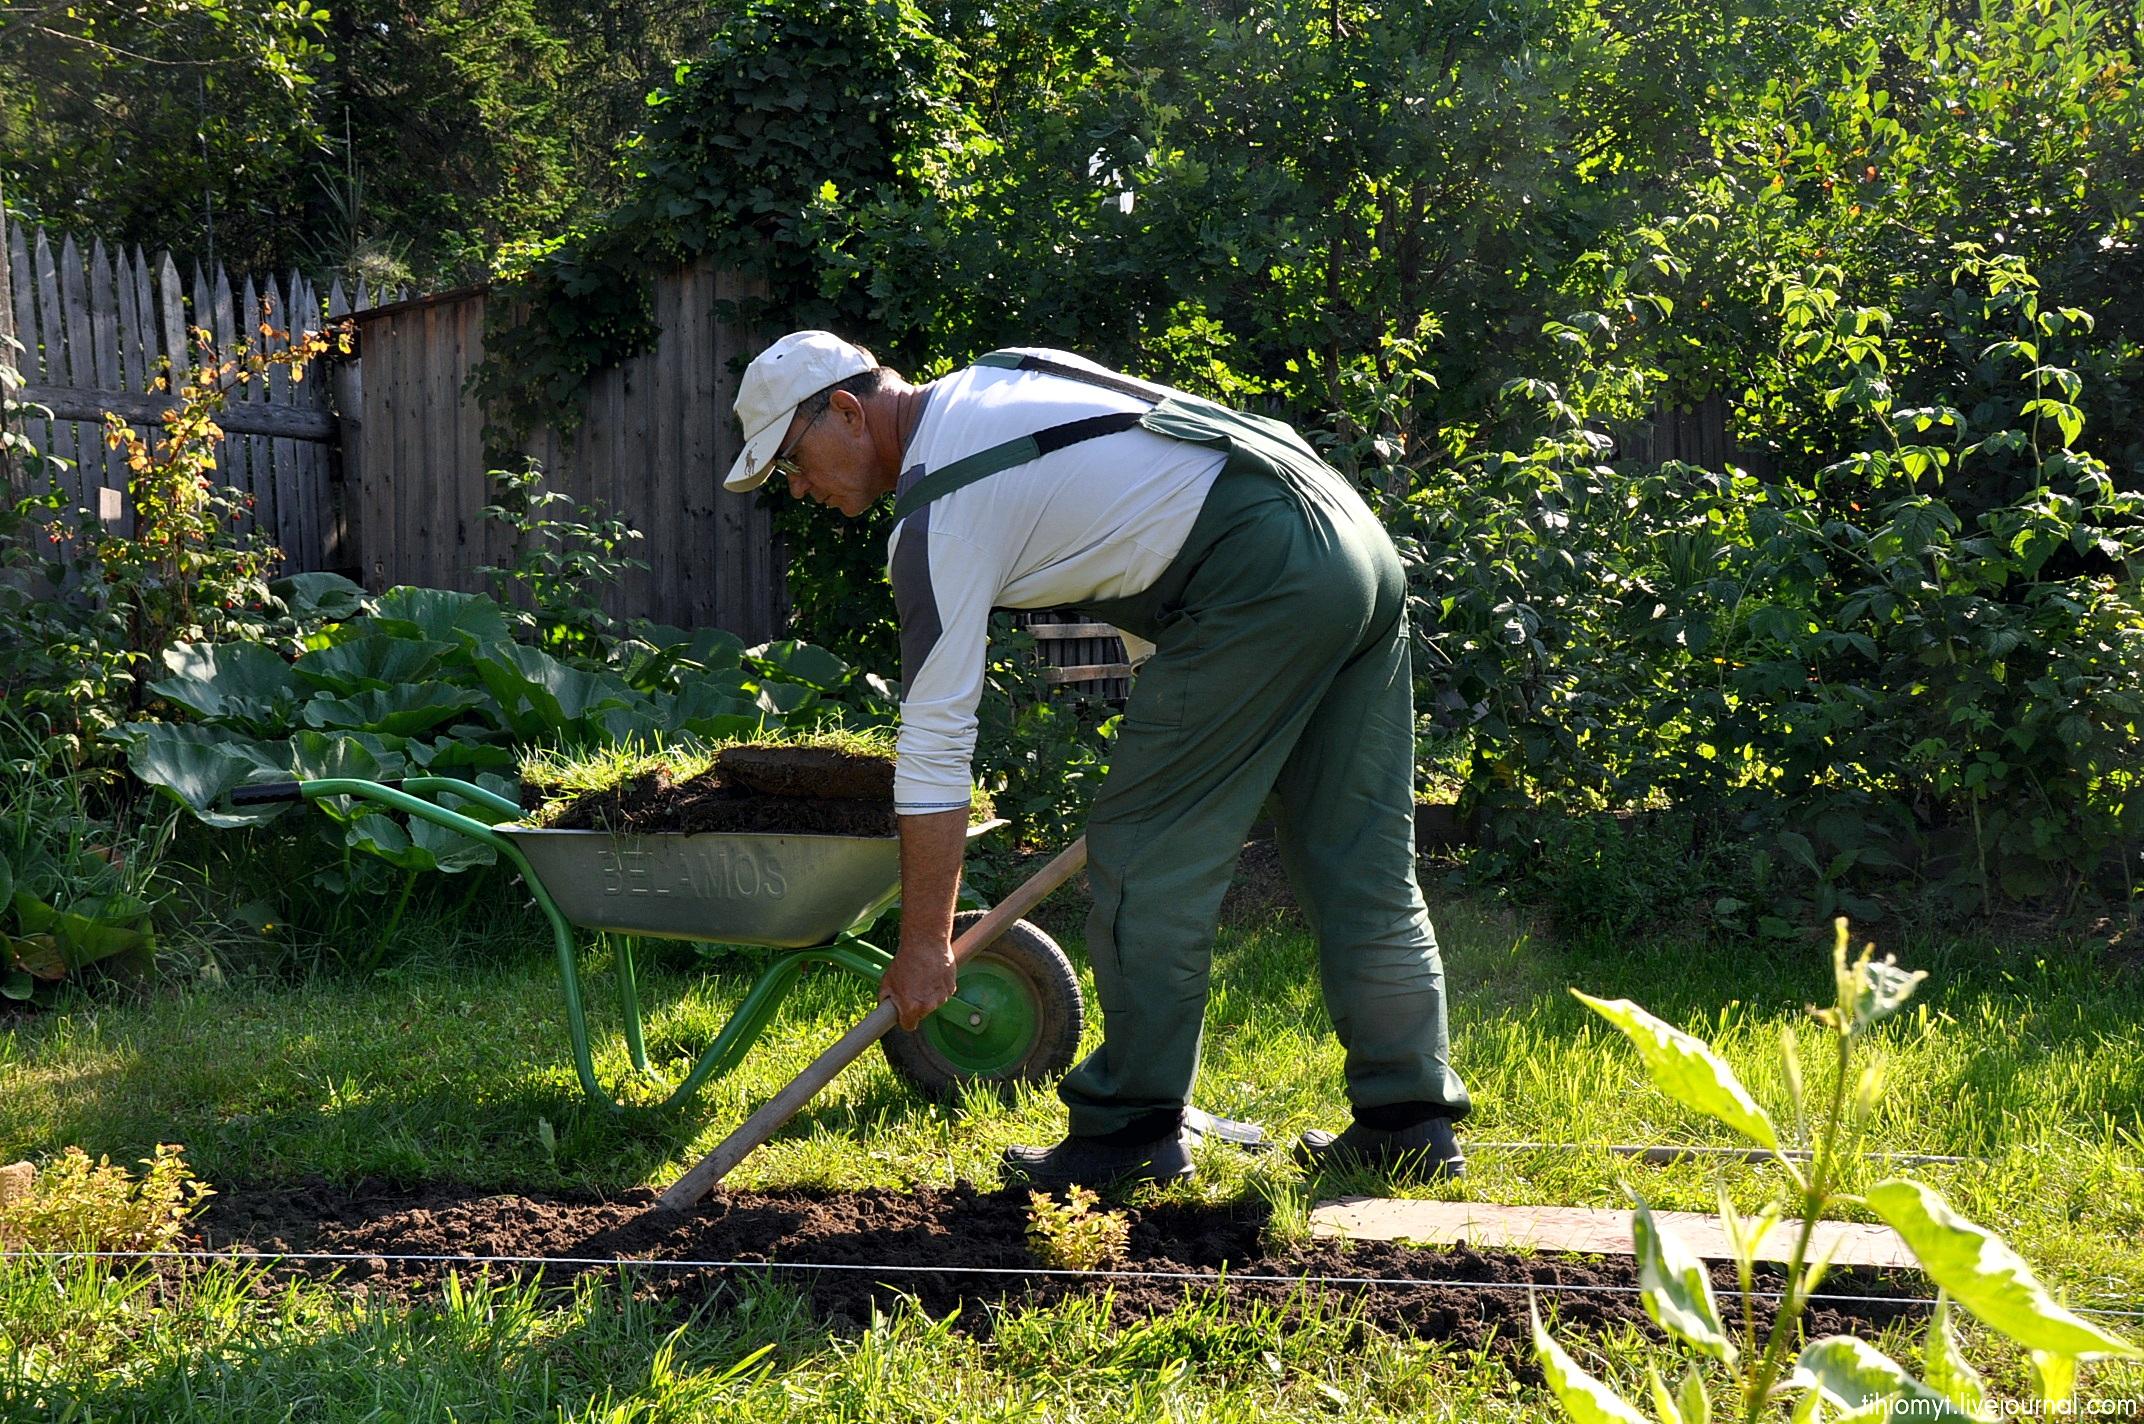 для чего нужны мужики в огороде картинки мягкого